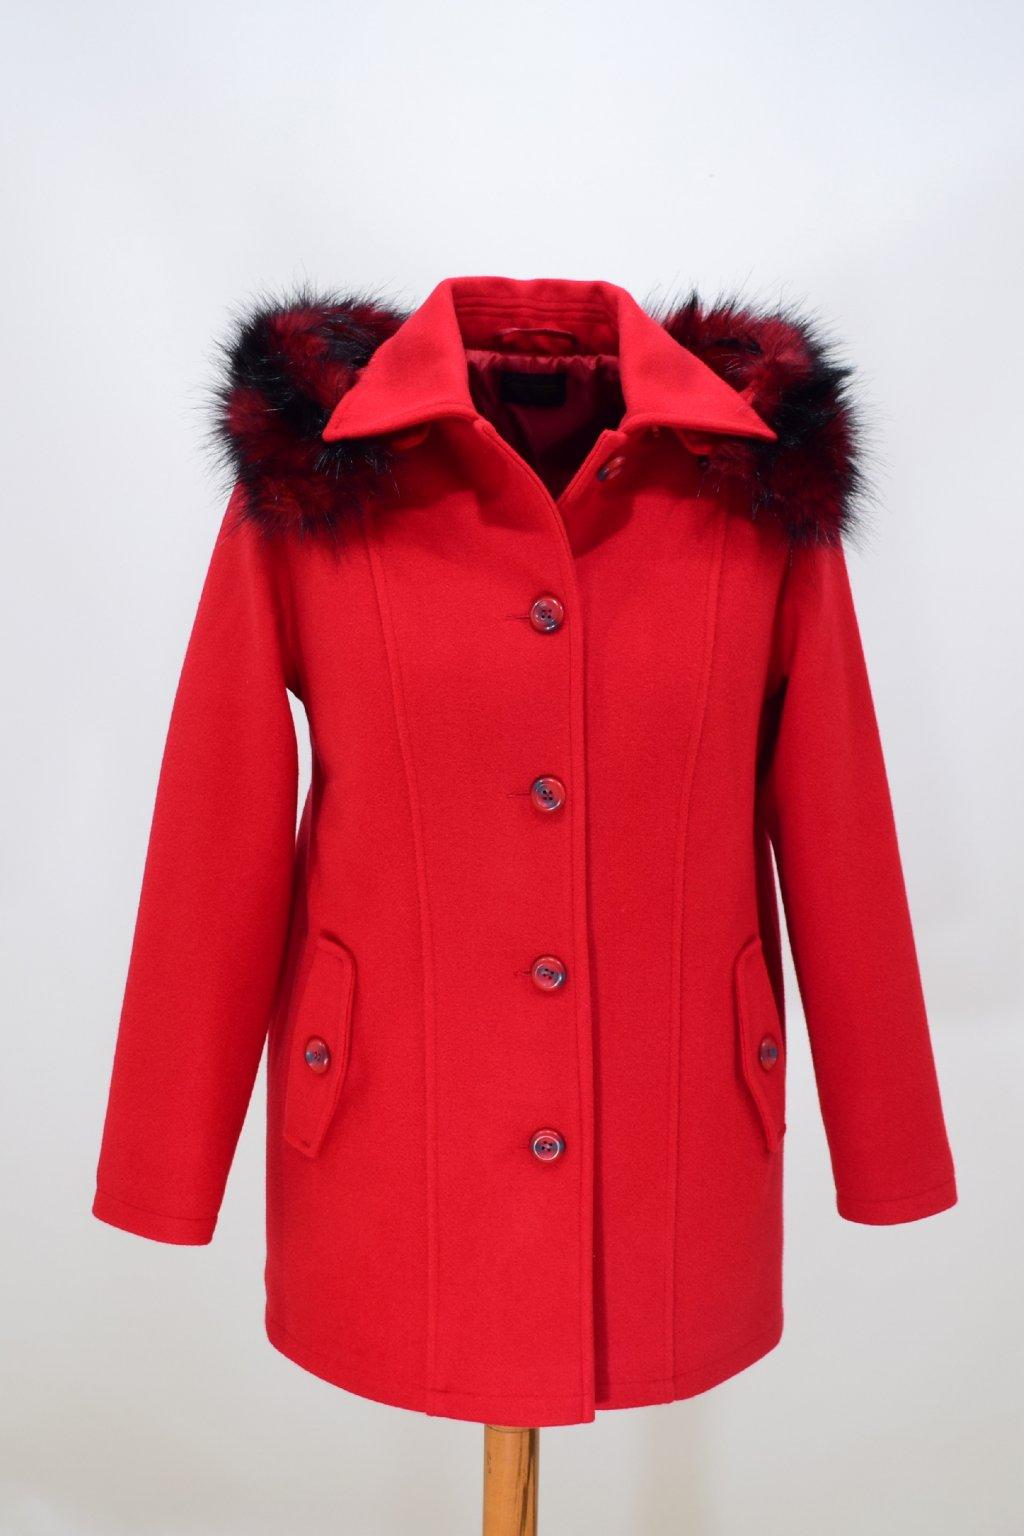 Dámský červený zimní kabát Alice nadměrné velikosti.